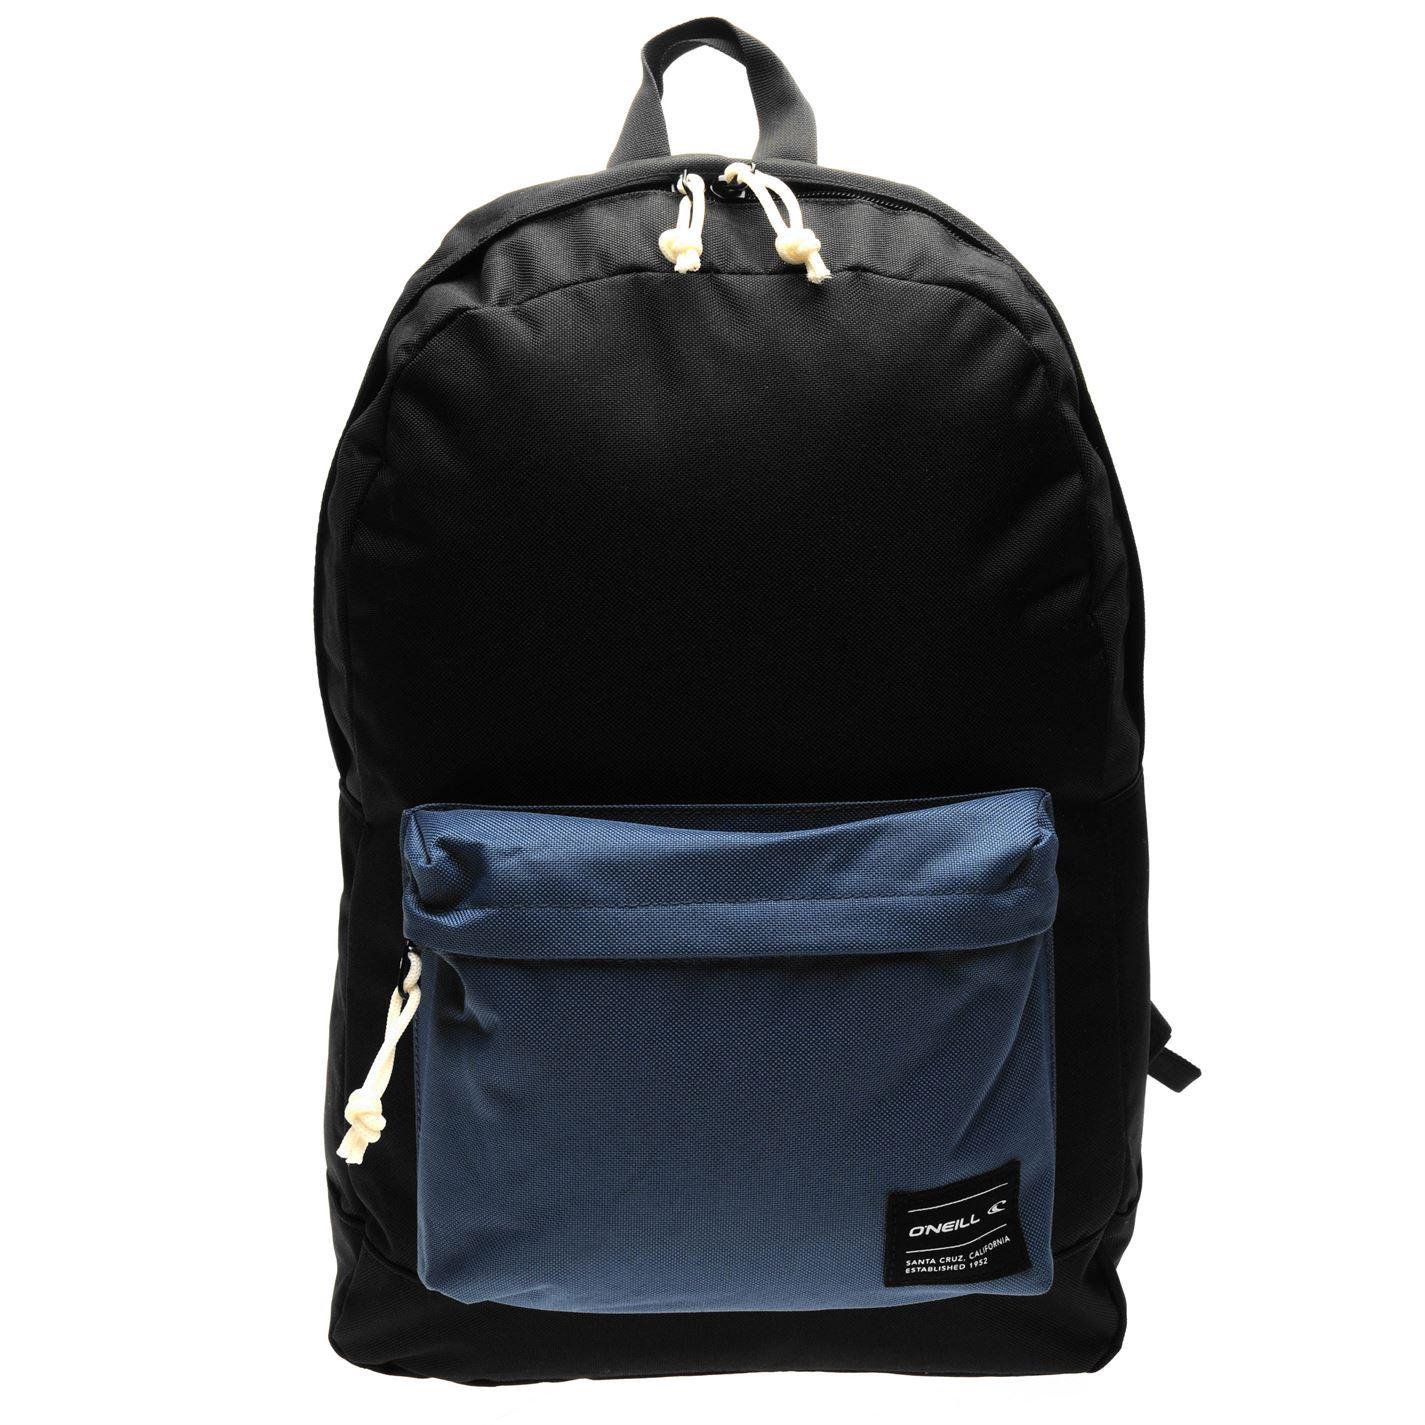 O'Neill Coastline backpack Grey RIBg6q6kLq